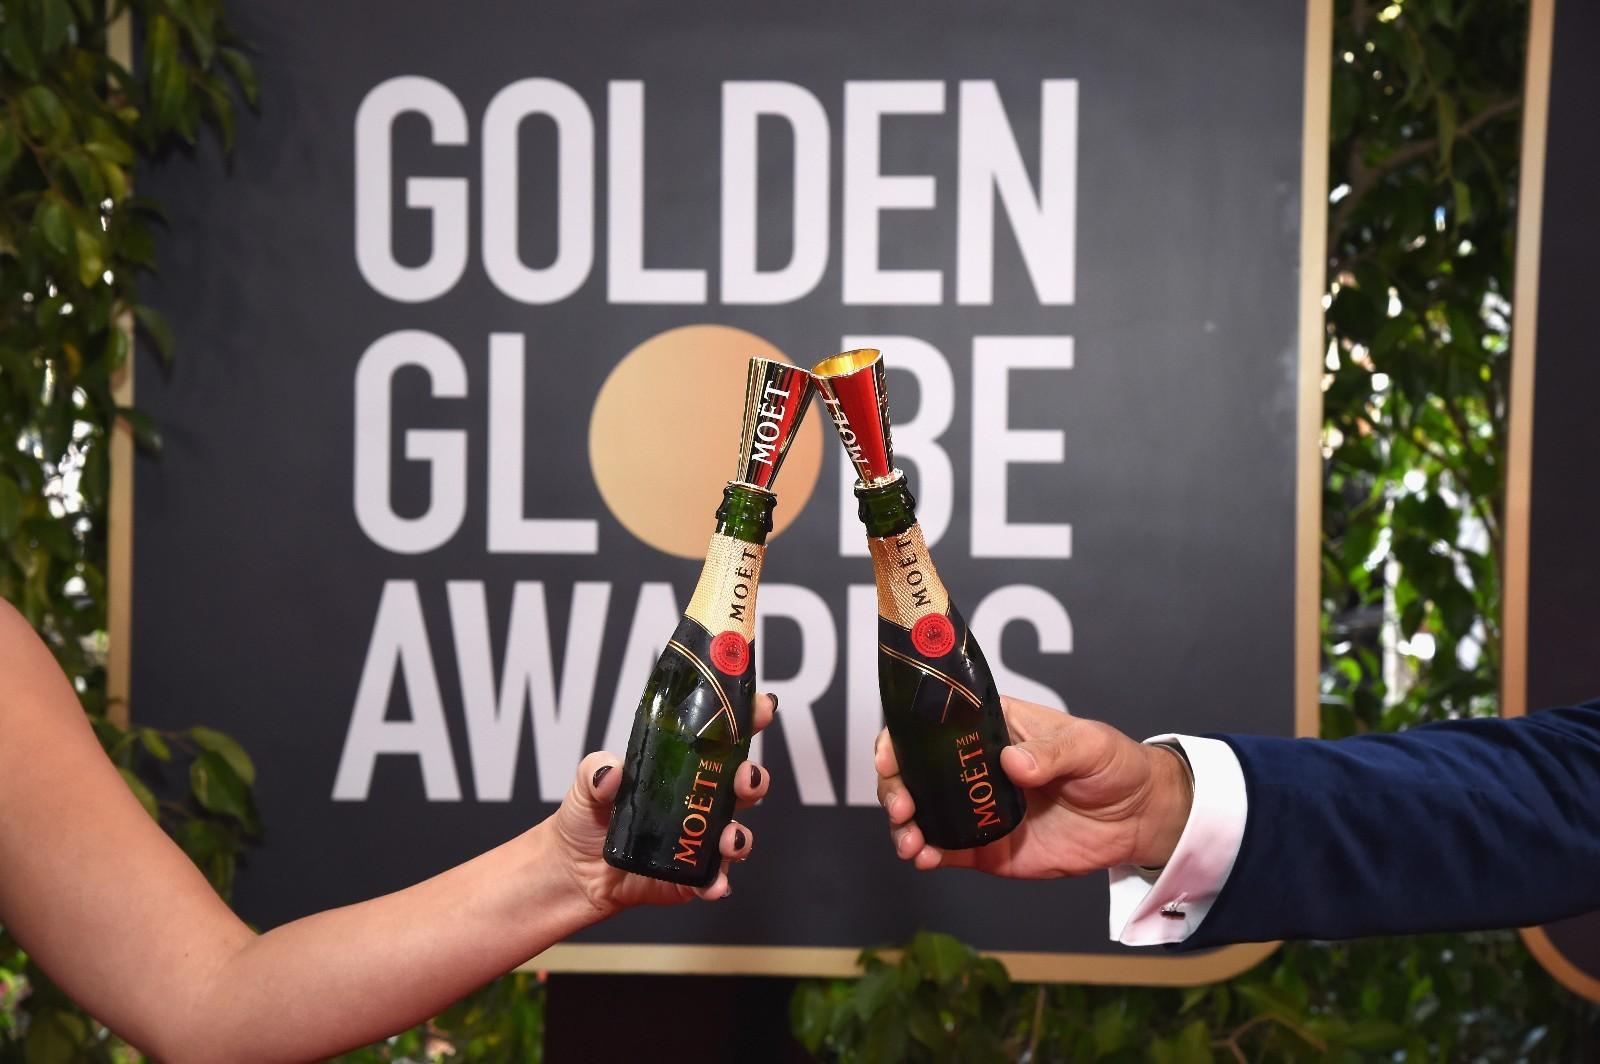 星耀红毯,酩悦在侧 连续28年致庆金球奖,酩悦香槟与众明星共襄盛举